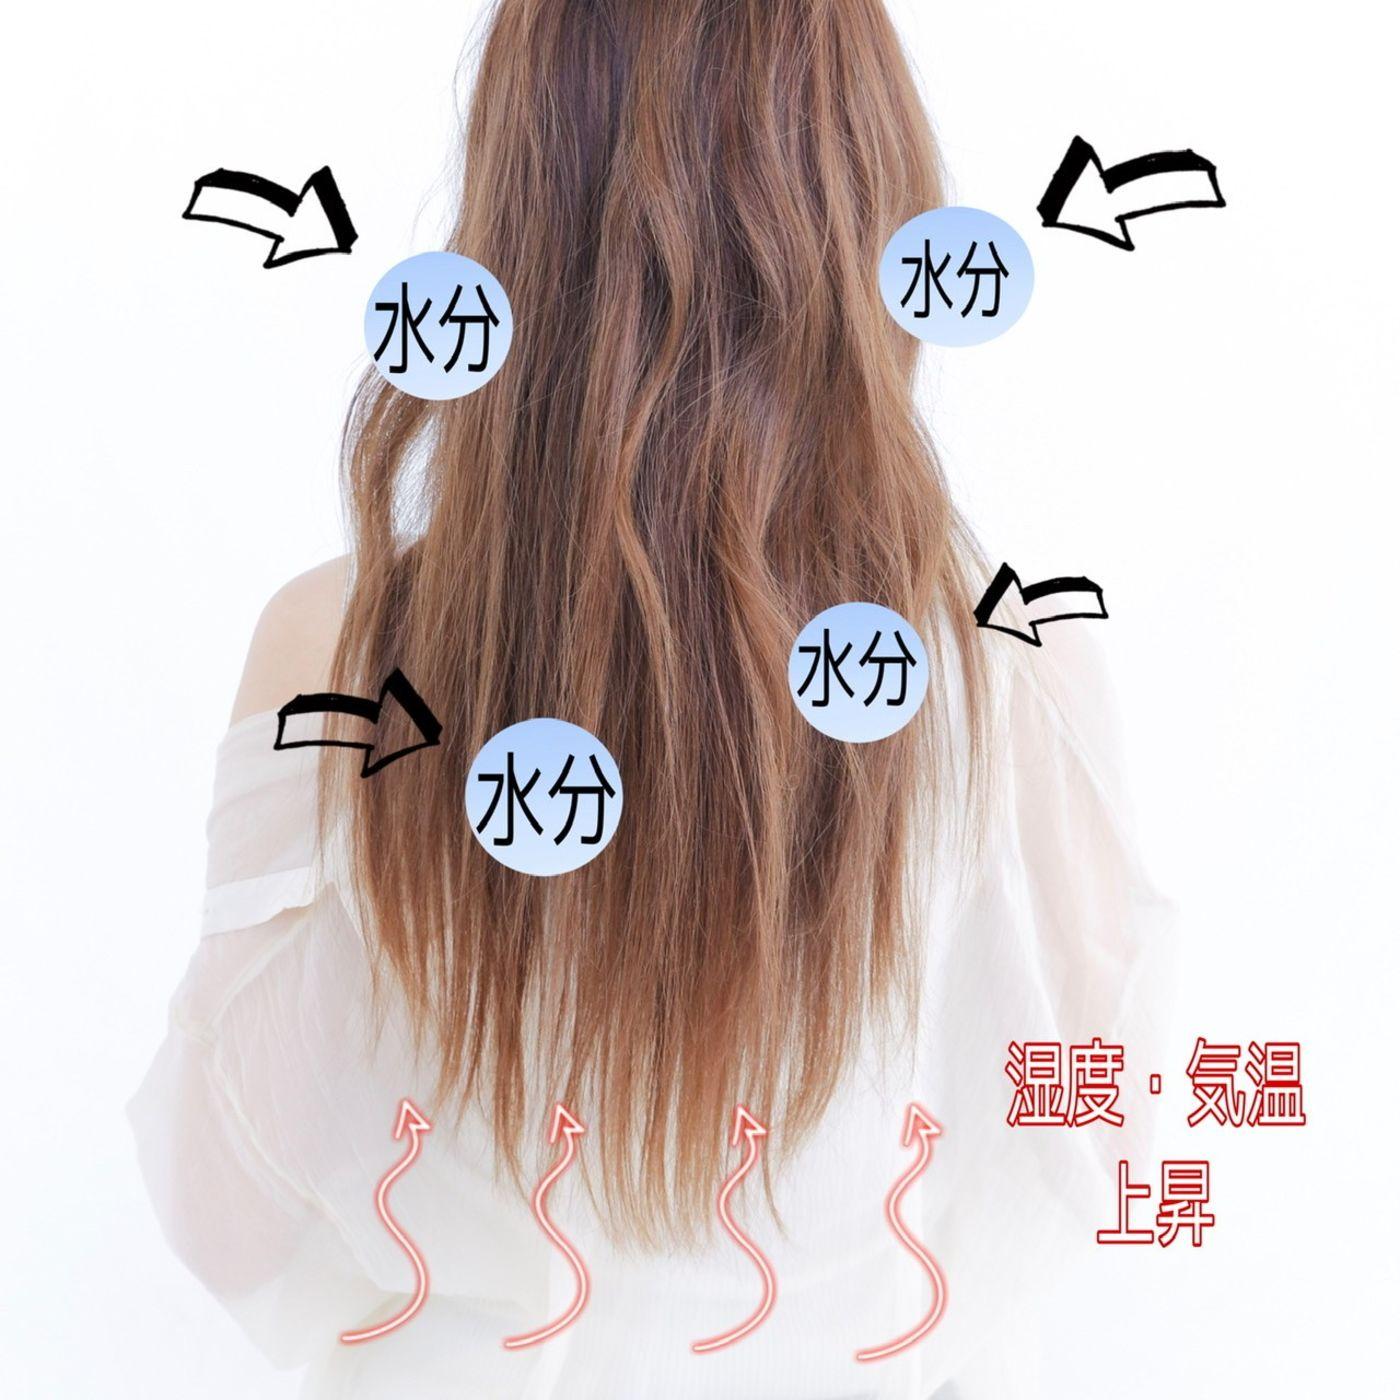 なぜ髪の毛が広がる??ゴワつく??